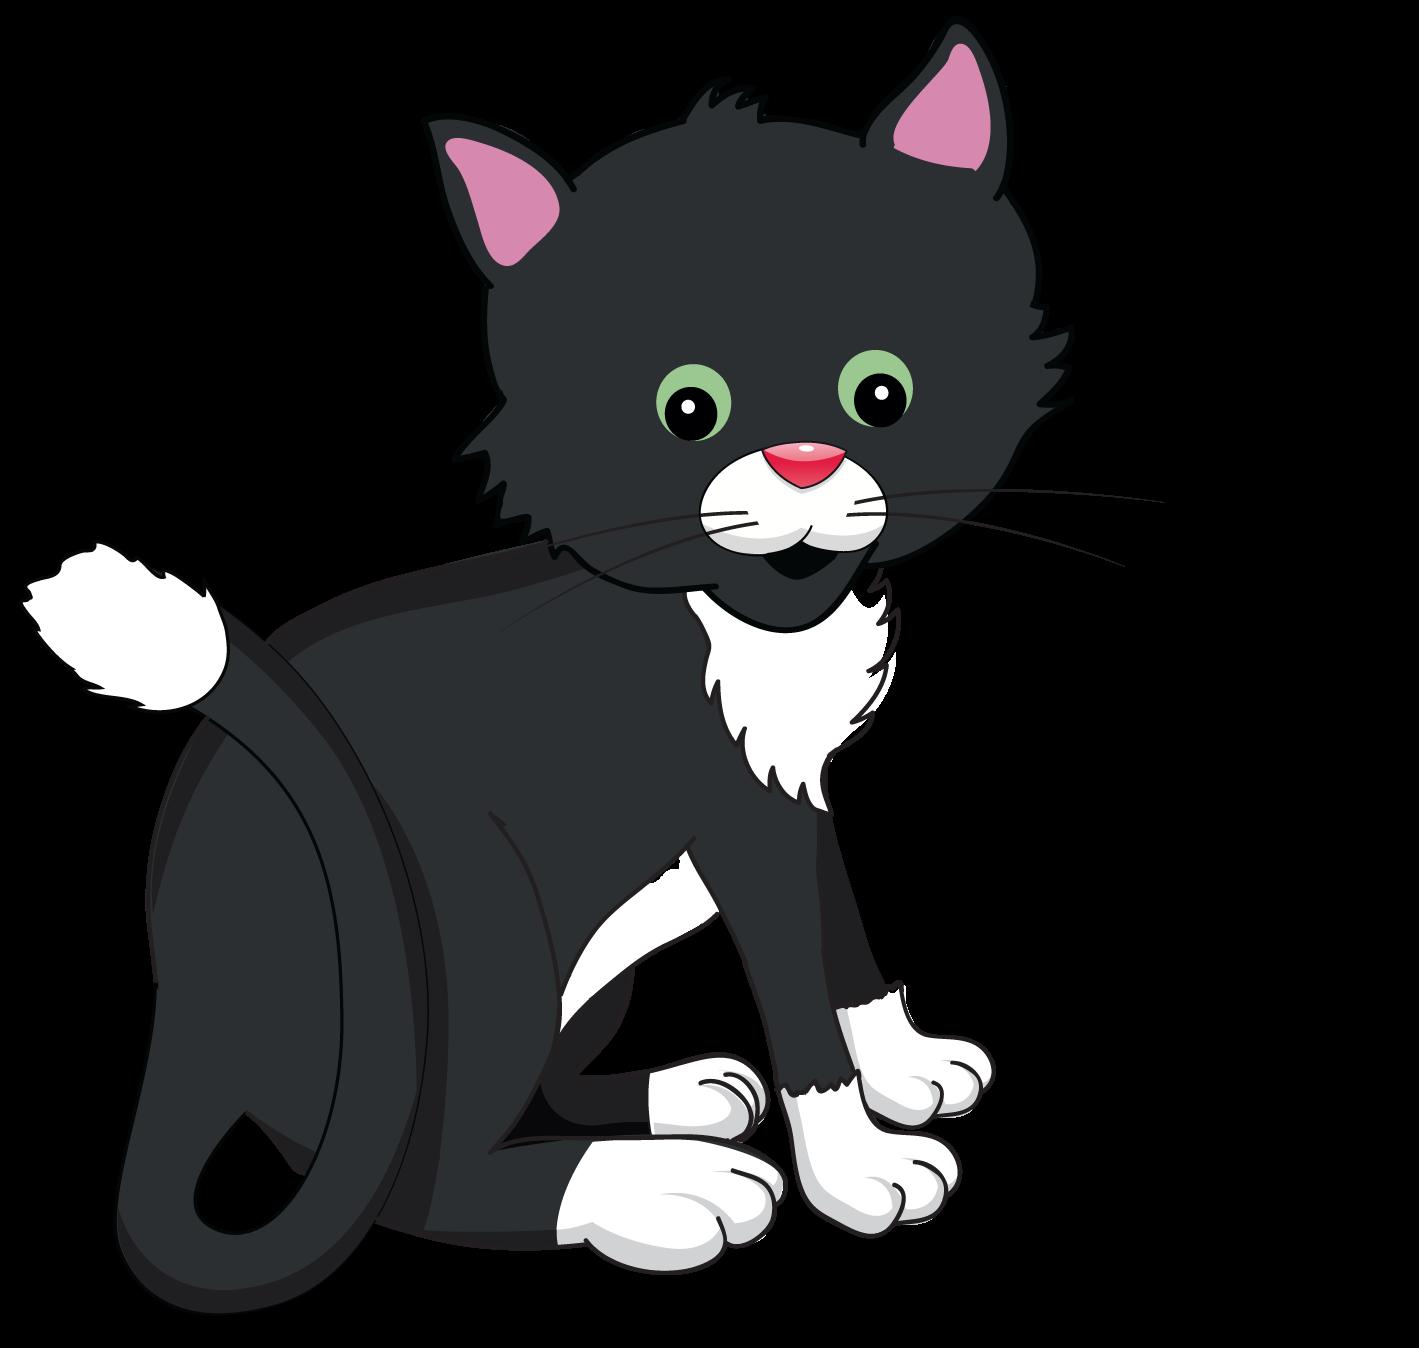 Gd S Cat